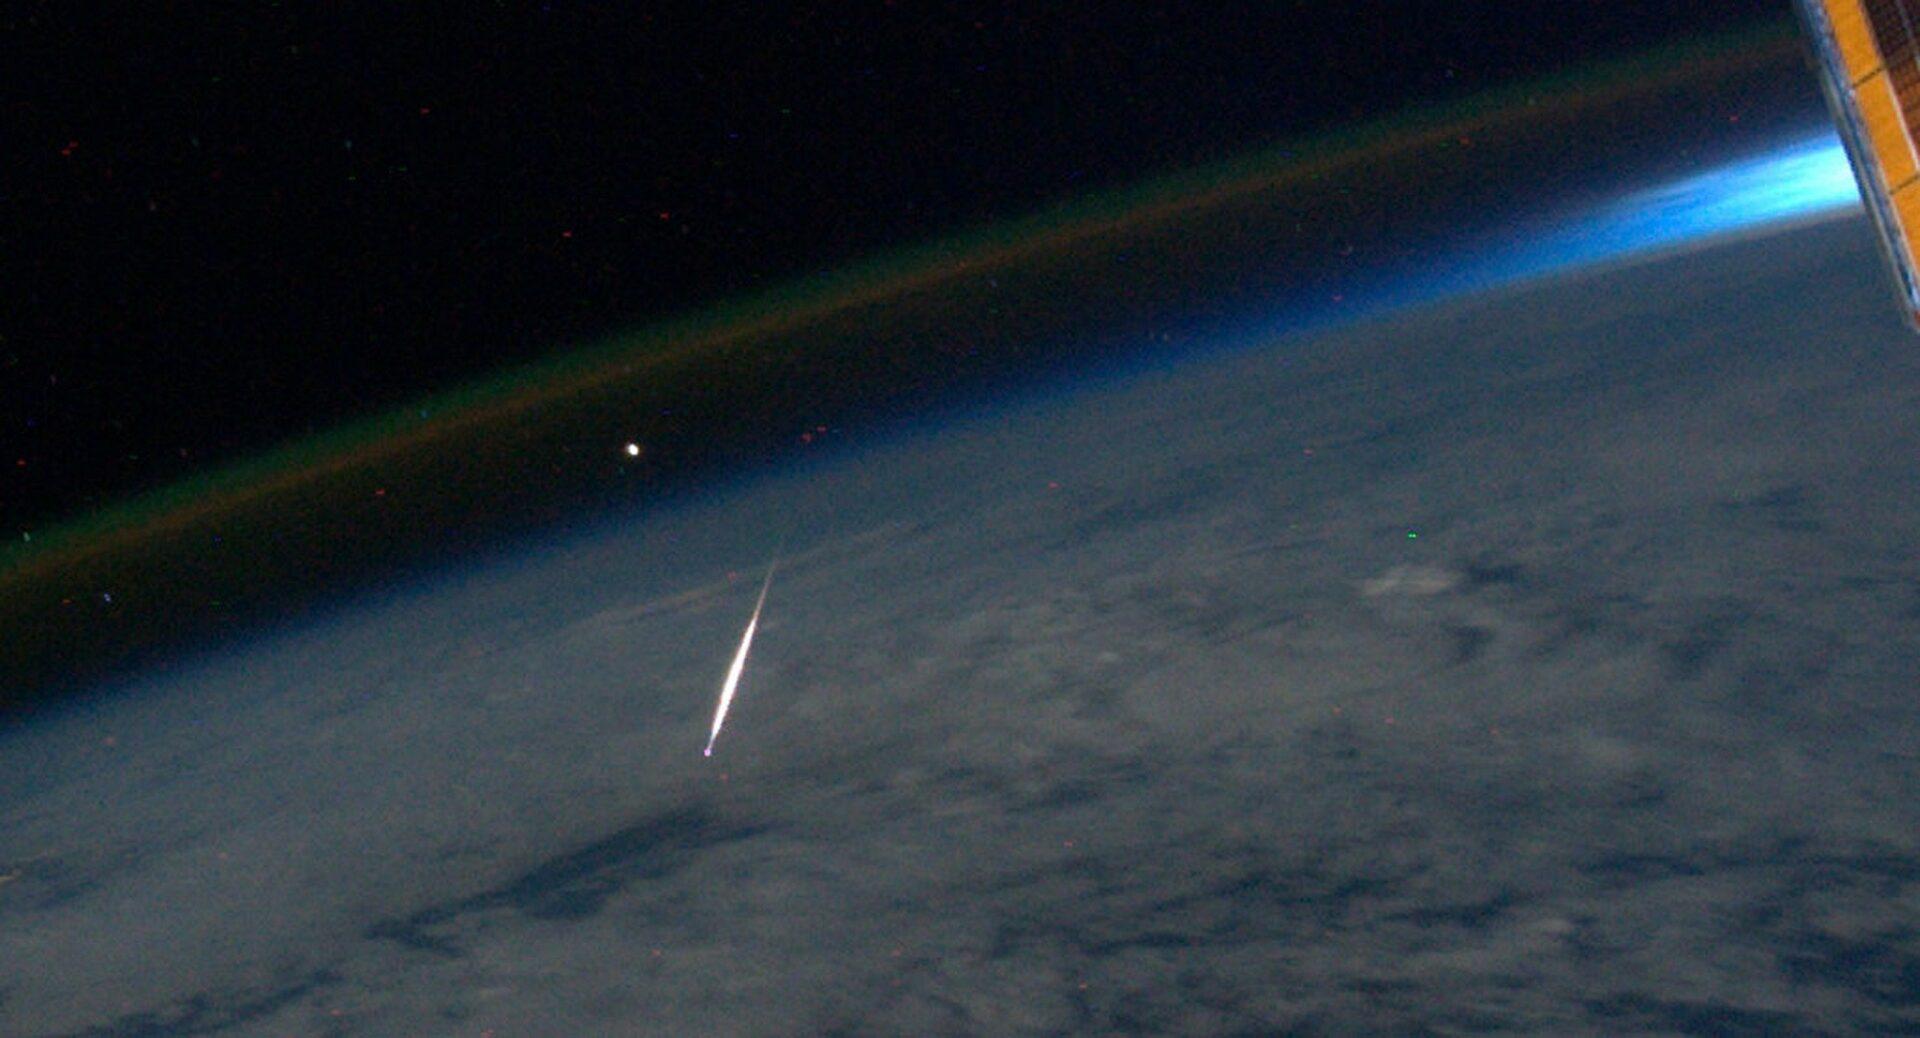 Рогозин заявил, что неизвестный объект 8 июля сблизится с МКС